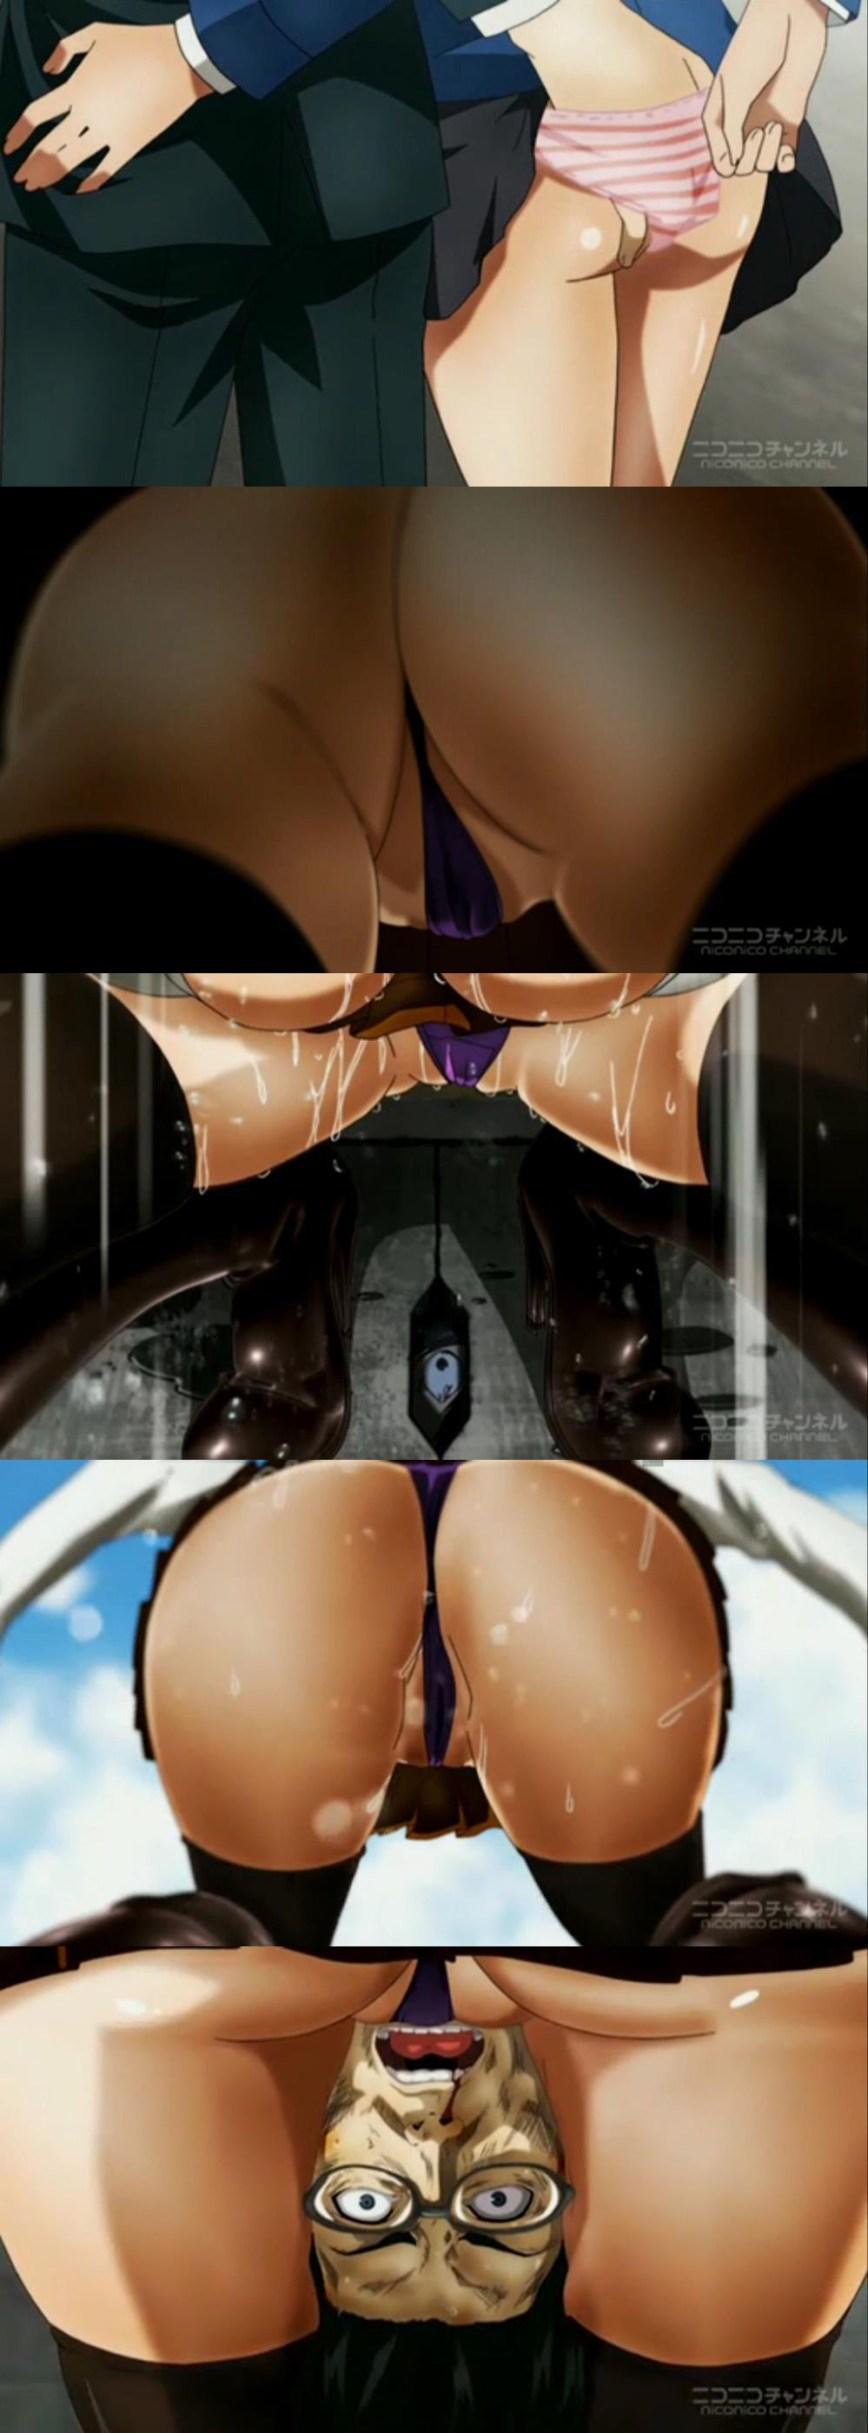 Prison-School-Episodes-1-4-Uncensored-Niconico-6